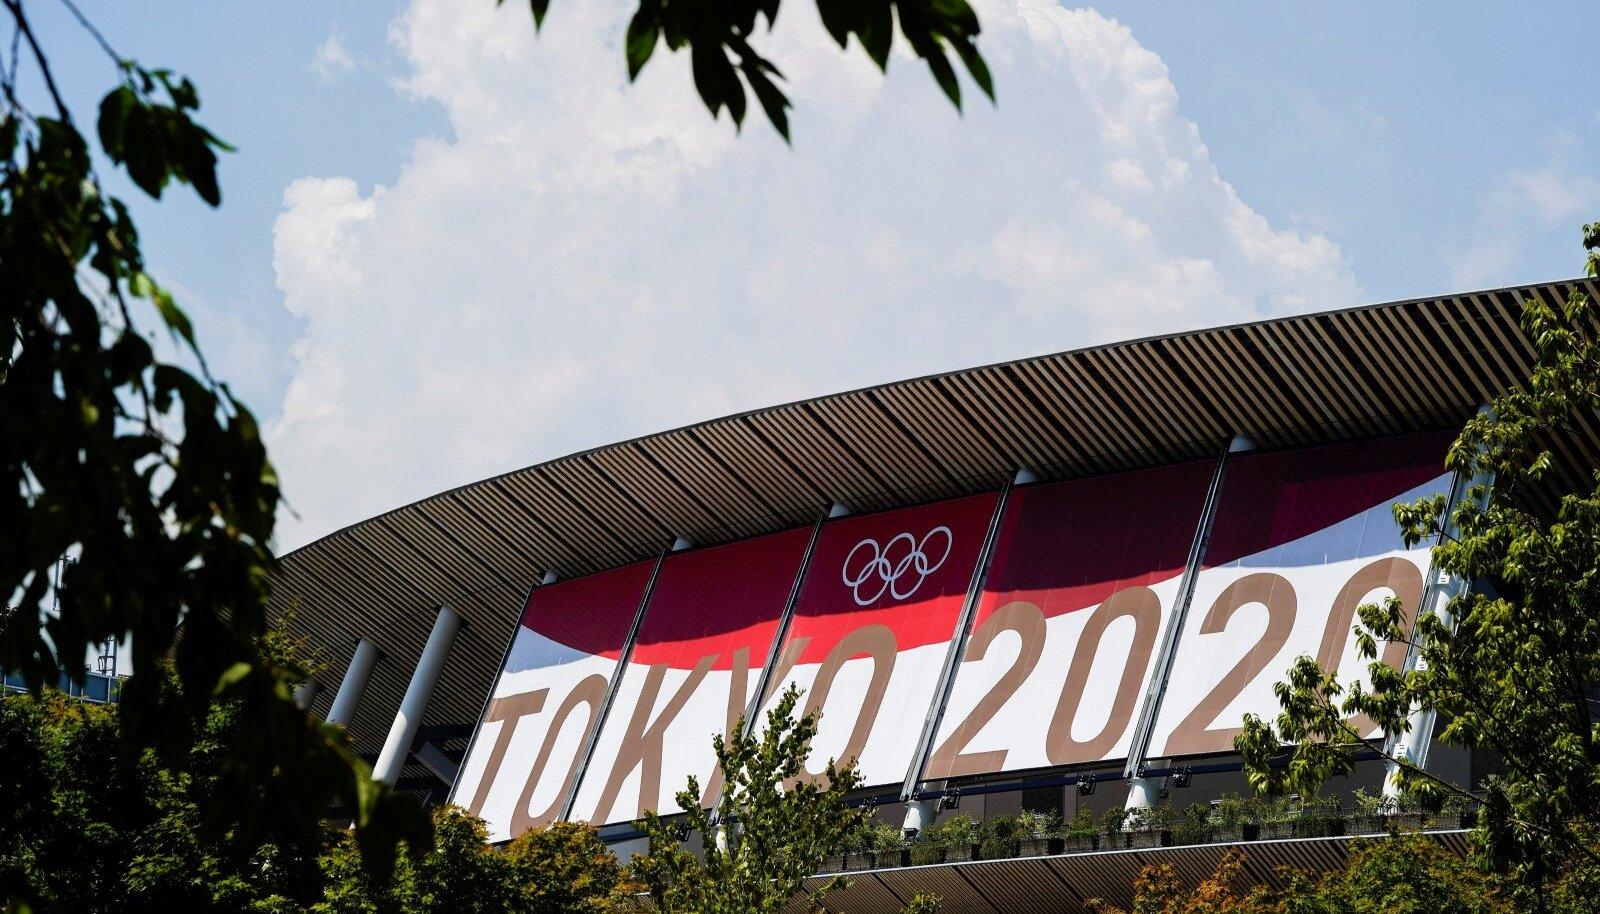 Rahvusstaadion Tokyos on olümpiamängude ootel.